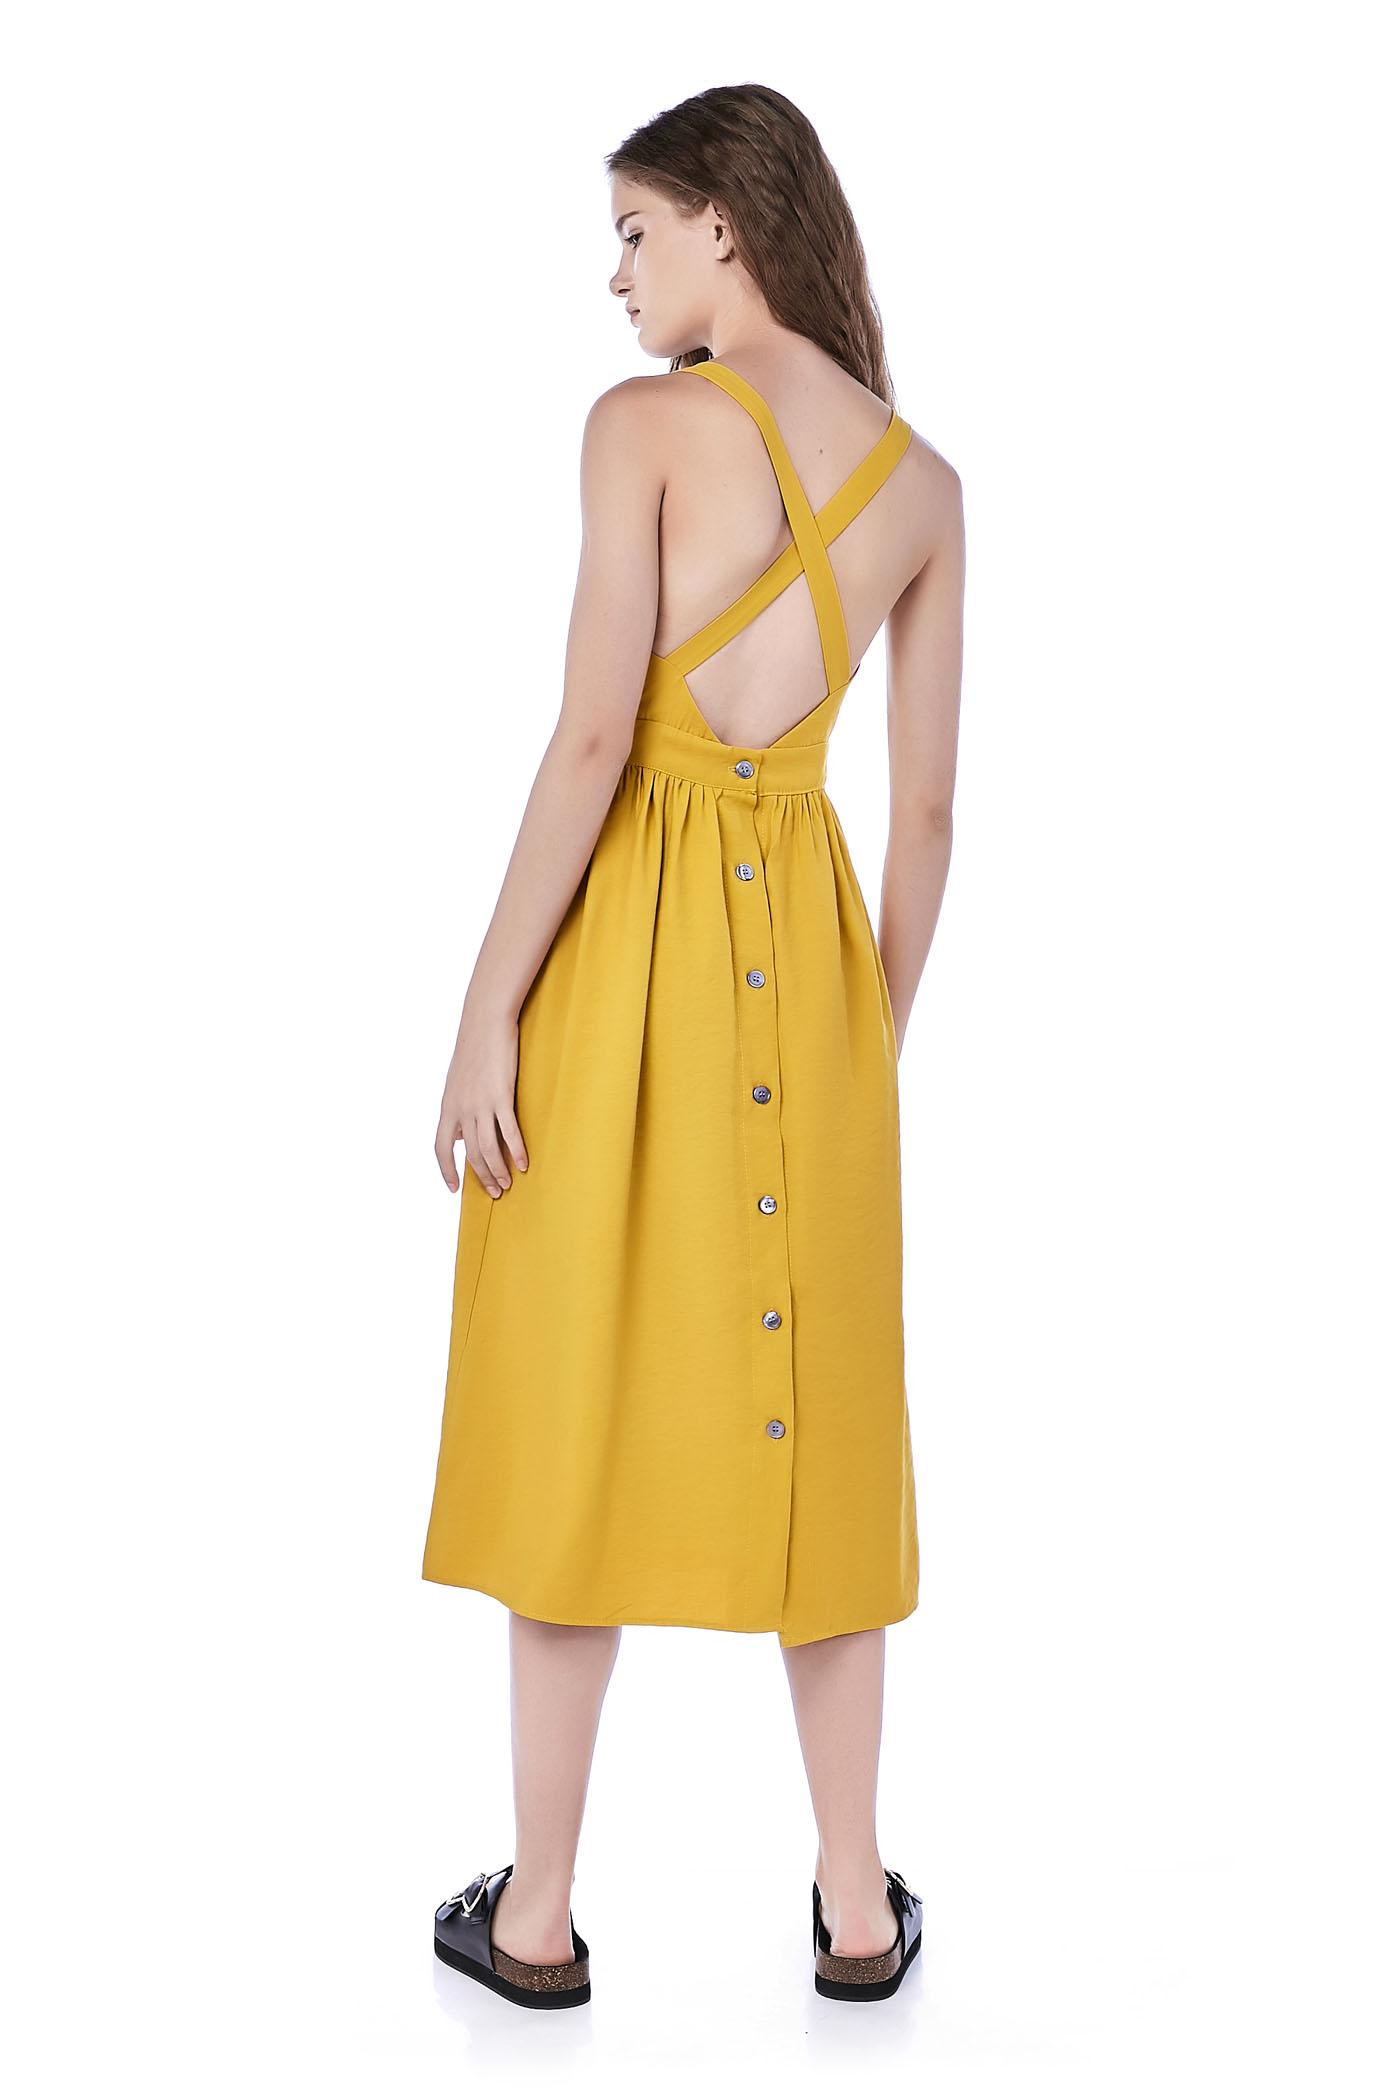 Kyndall Cross-Back Midi Dress